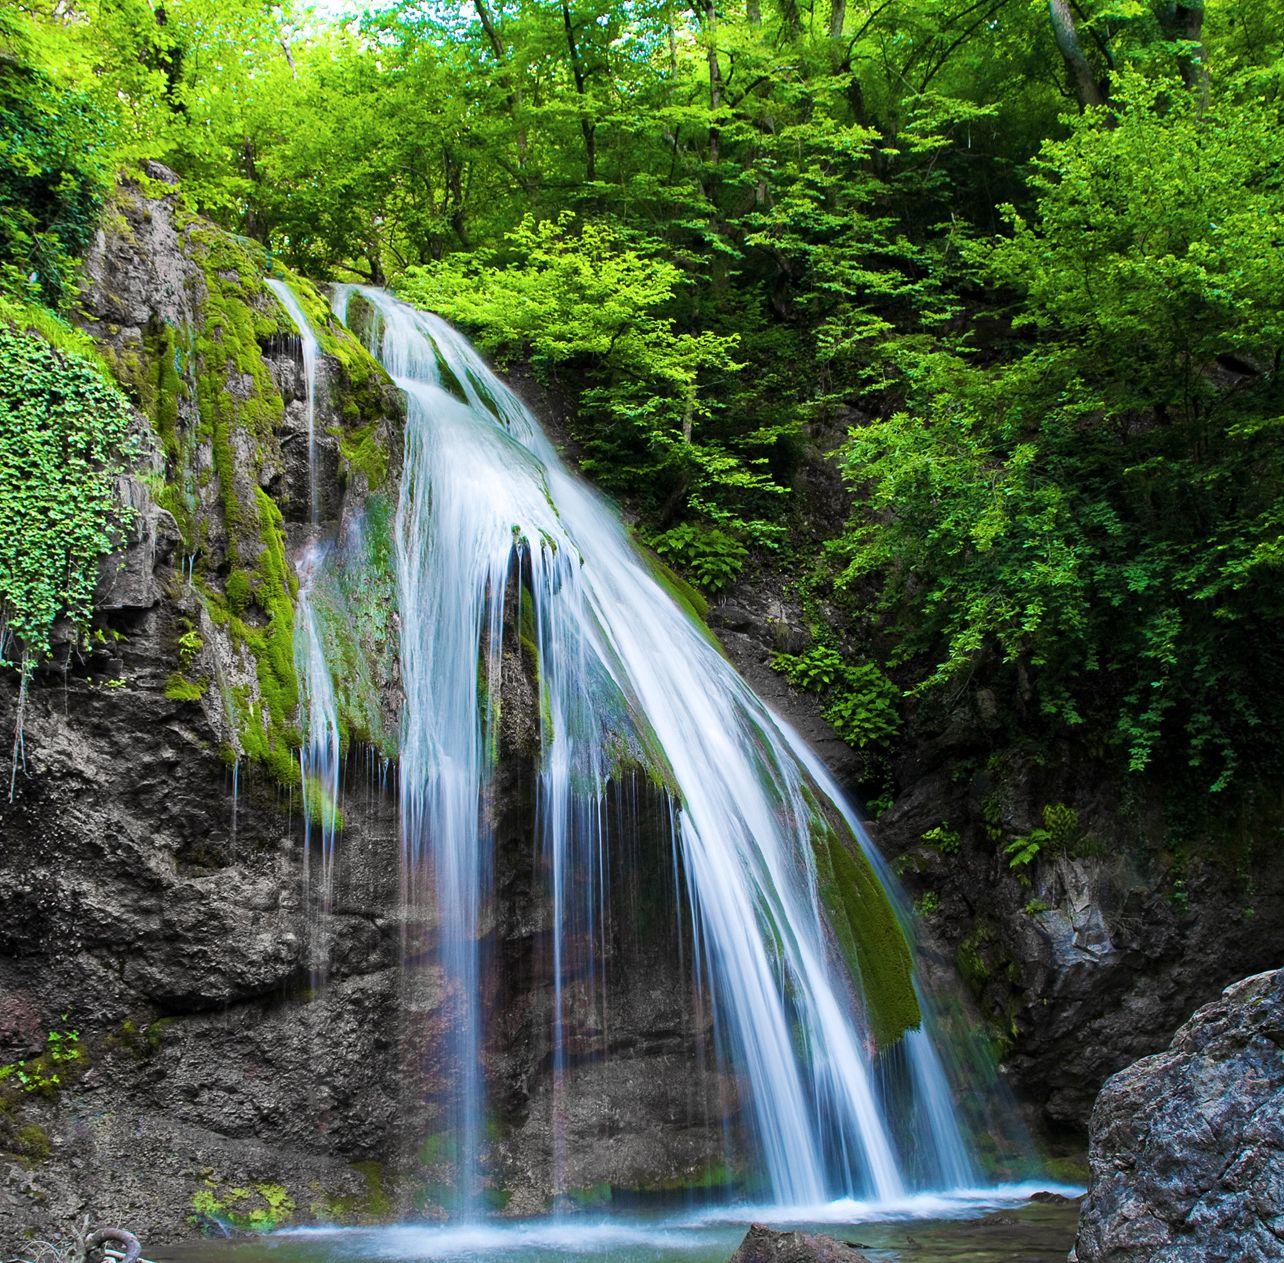 Paisajes de cascadas gif animados imagui for Fotos cascadas